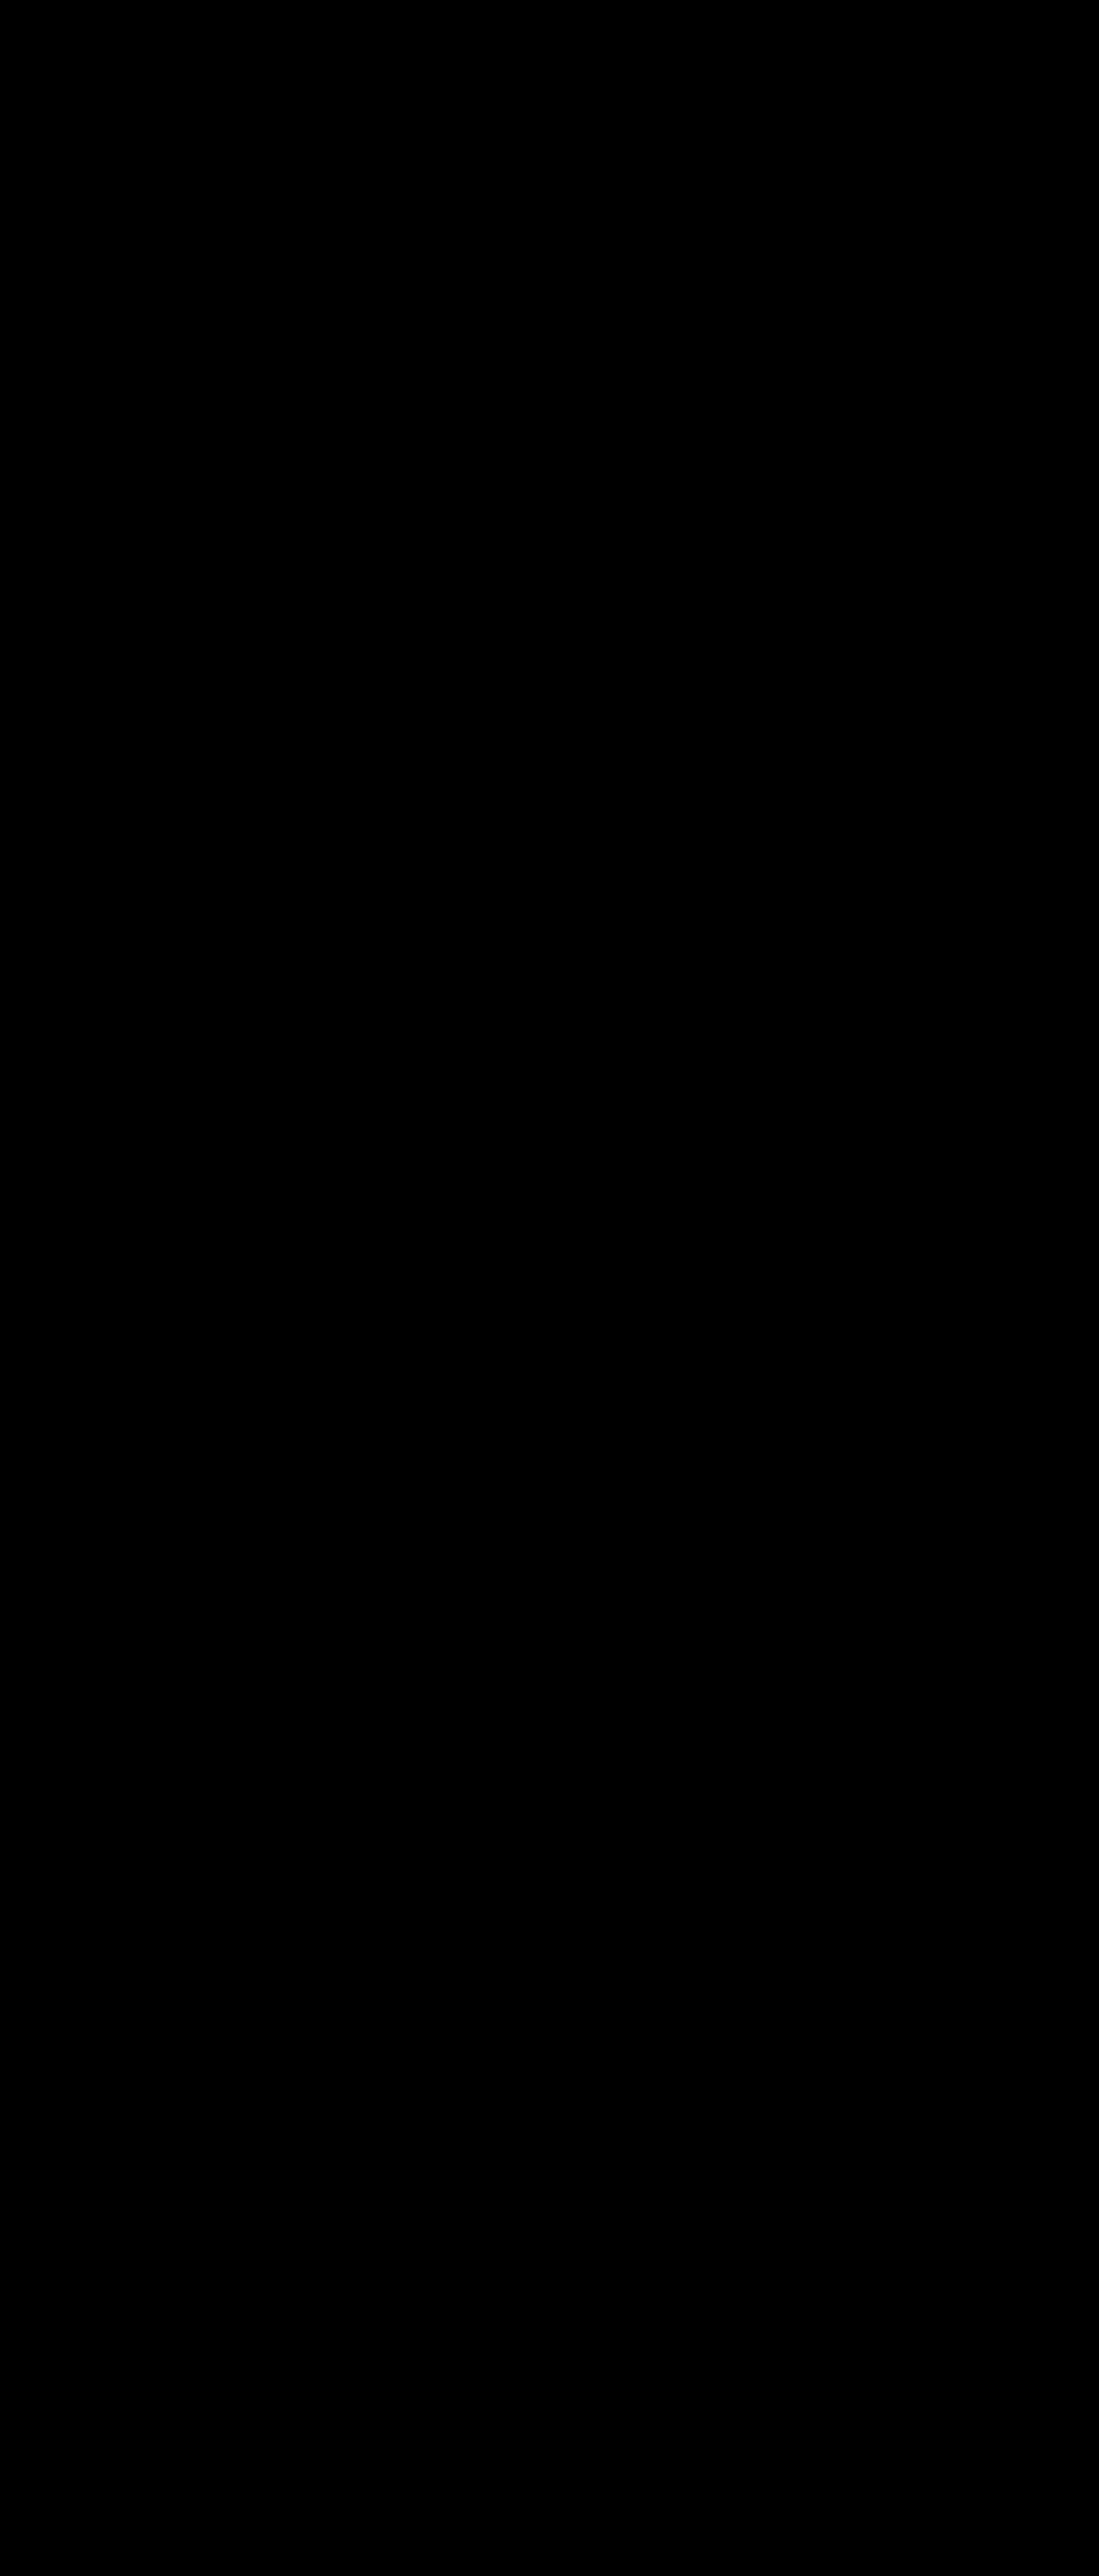 иероглиф дзюдо картинка неожиданную